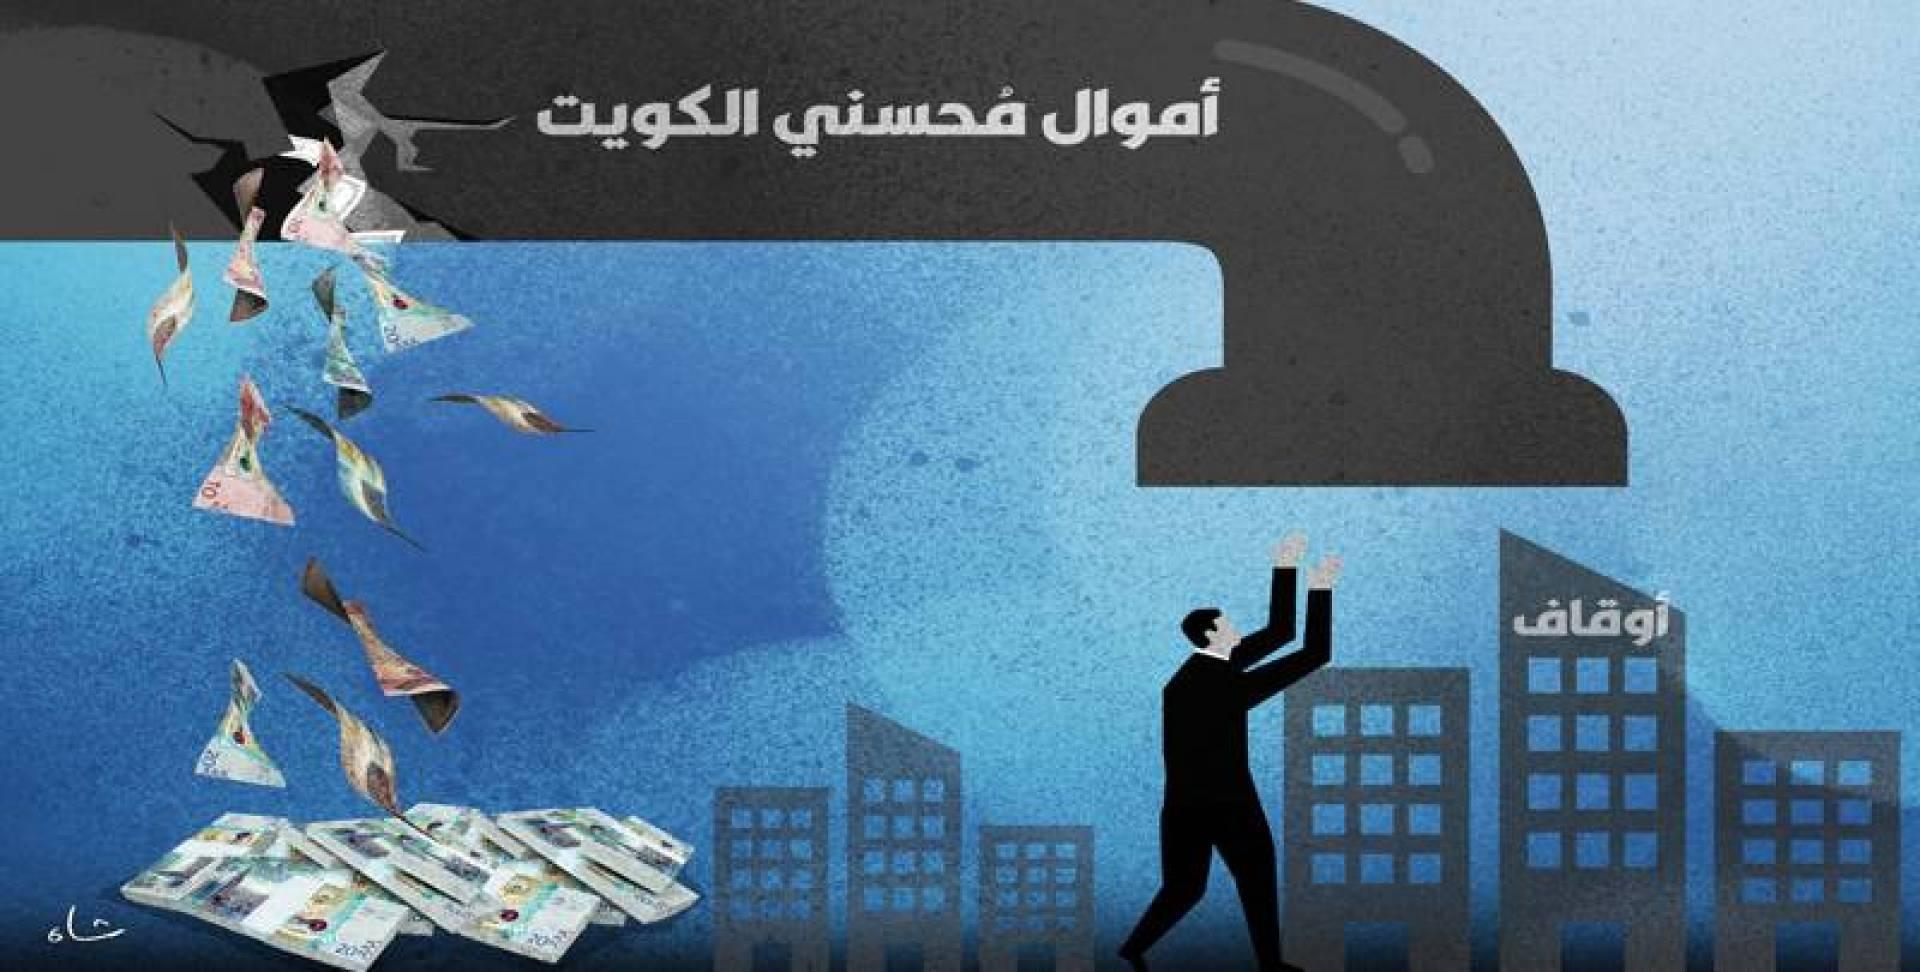 194 مليون دينار خسائر أموال مُحسني الكويت